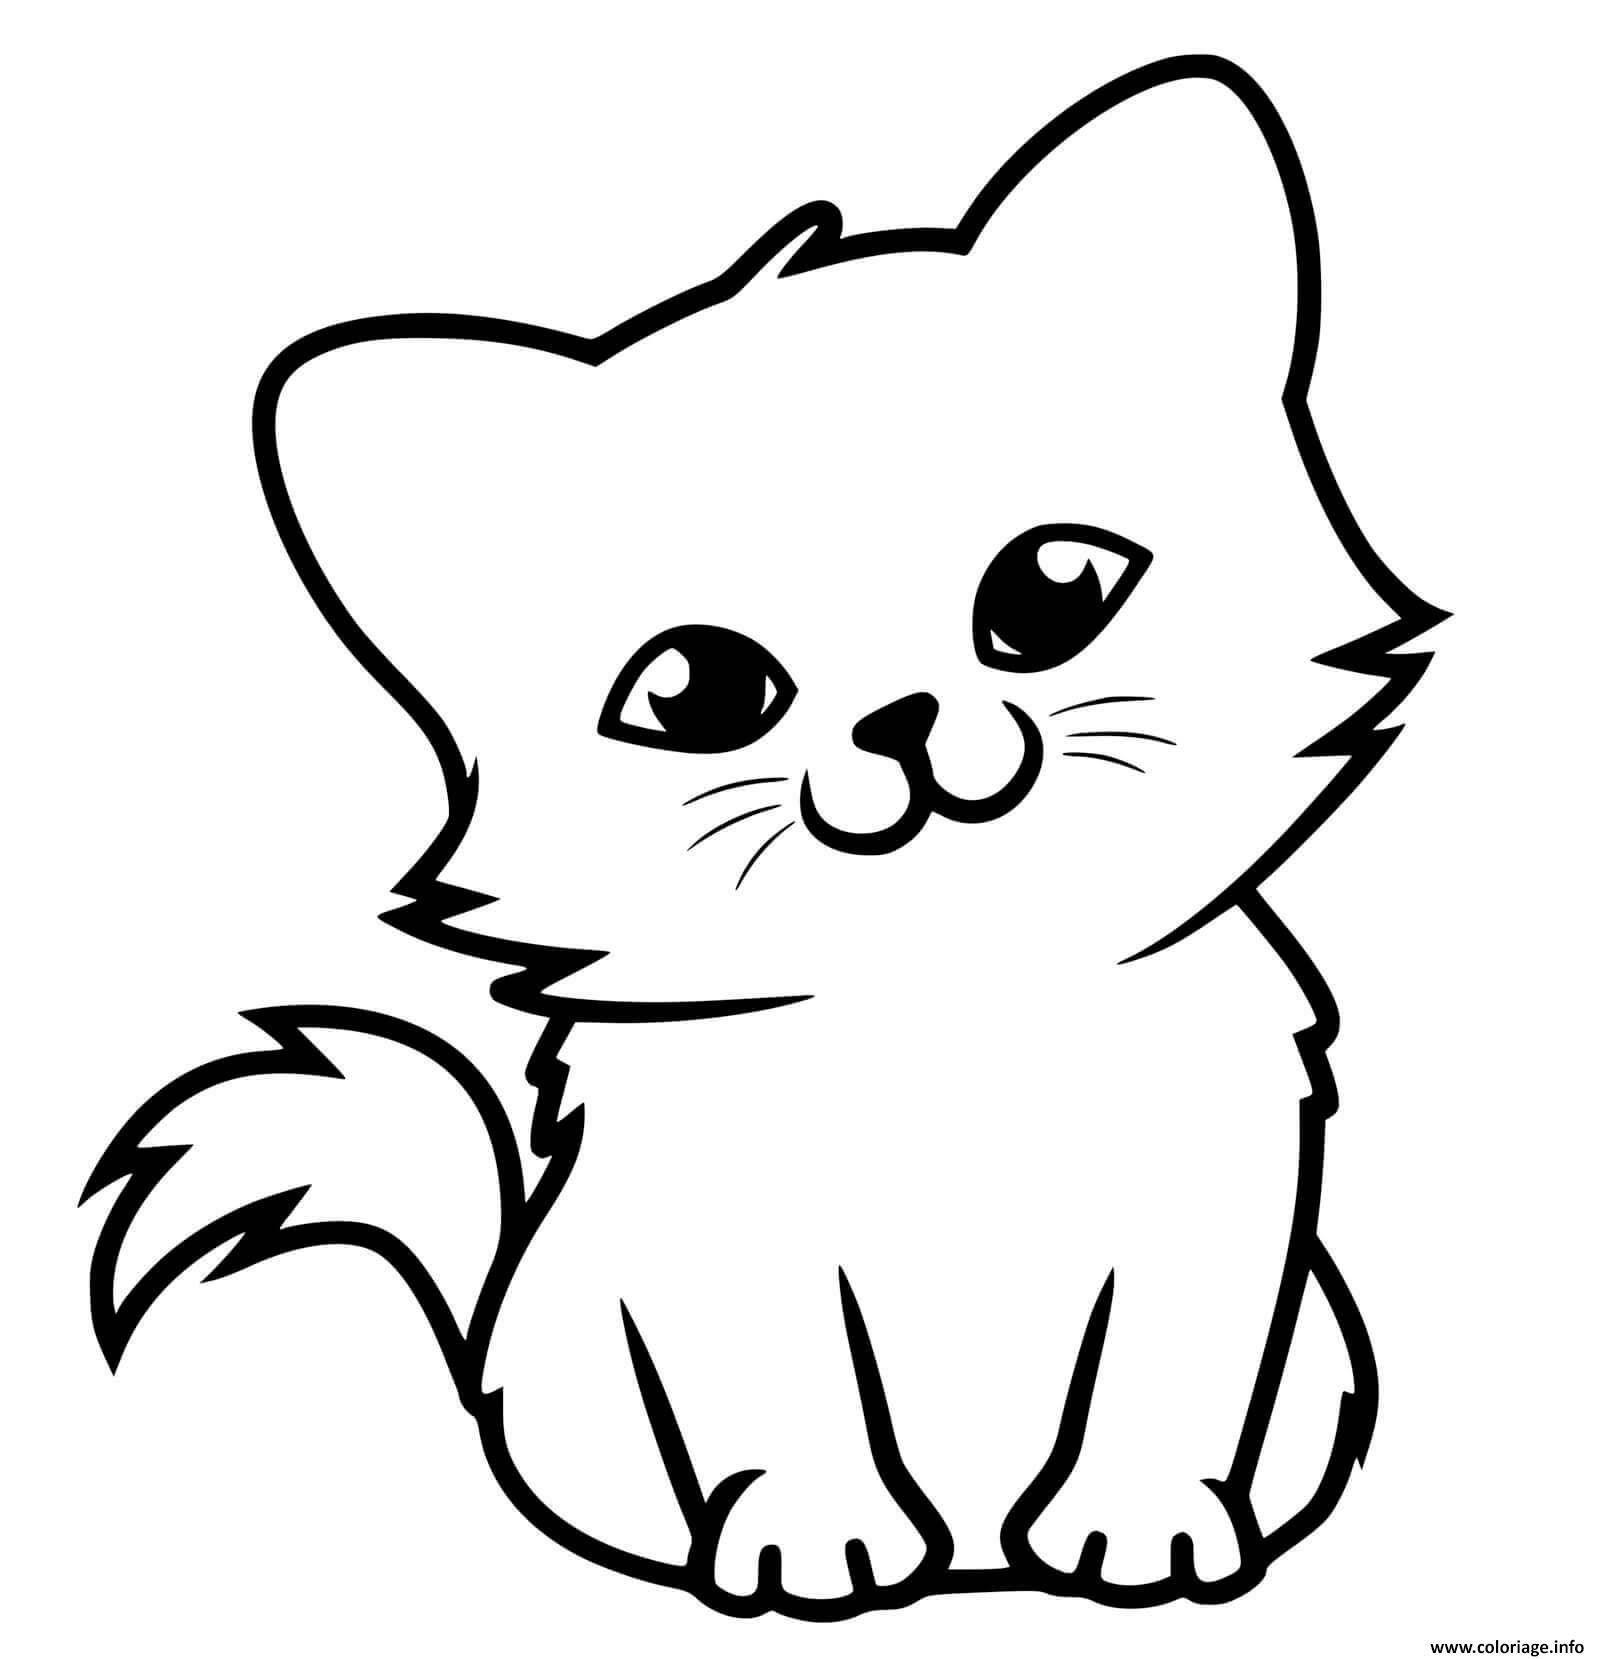 Coloriage Adorable Petit Chaton Dessin Chat à imprimer